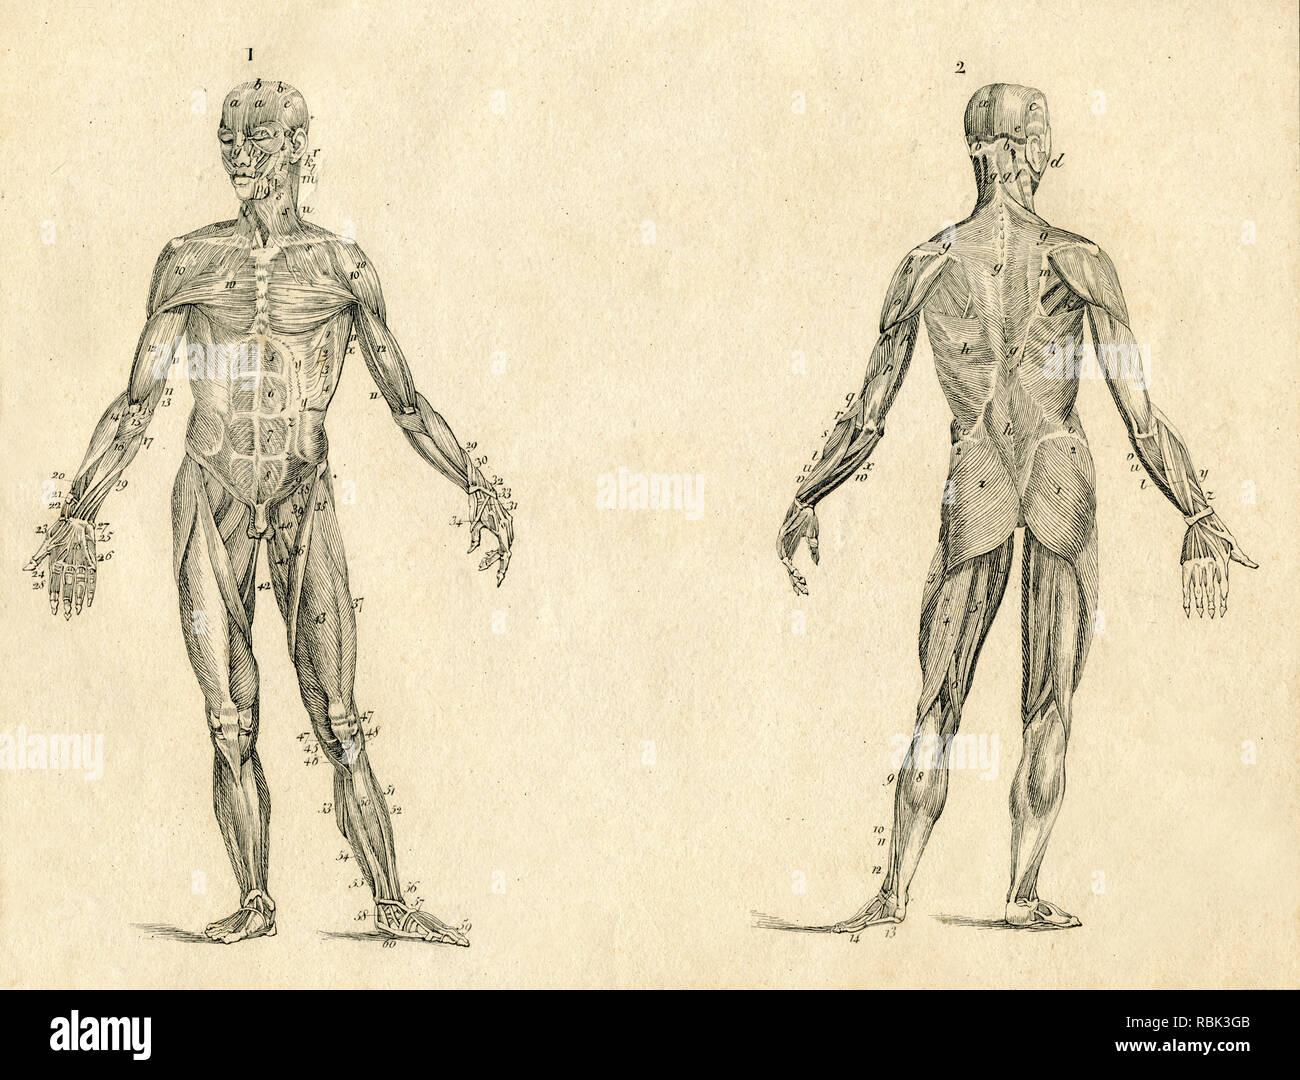 Anatomía del músculo humano vintage dibujo ilustración grabada Imagen De Stock